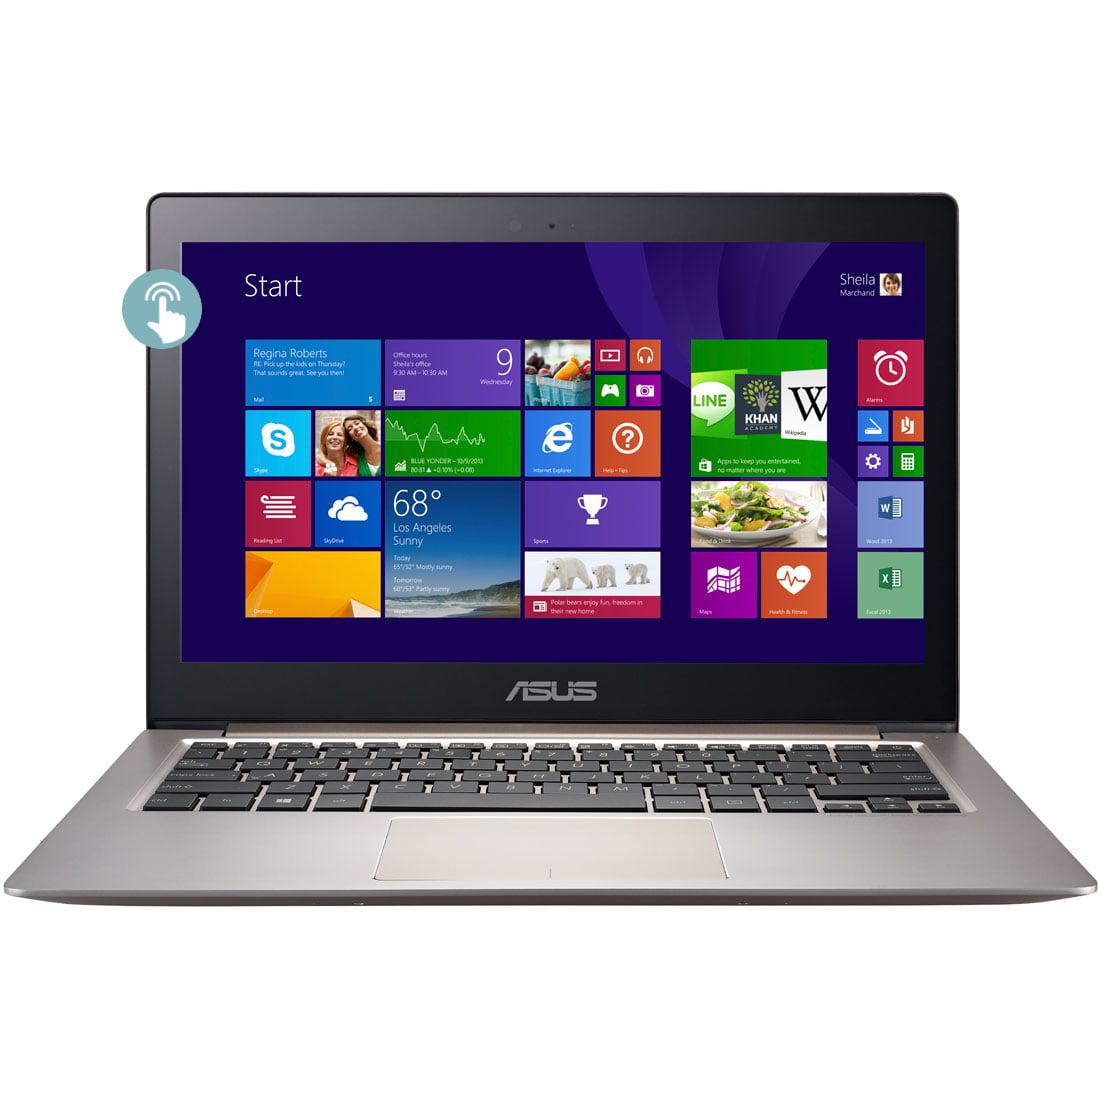 """Asus Zenbook UX303LA-XS51T 13.3"""" HD Display Intel i5-5200..."""